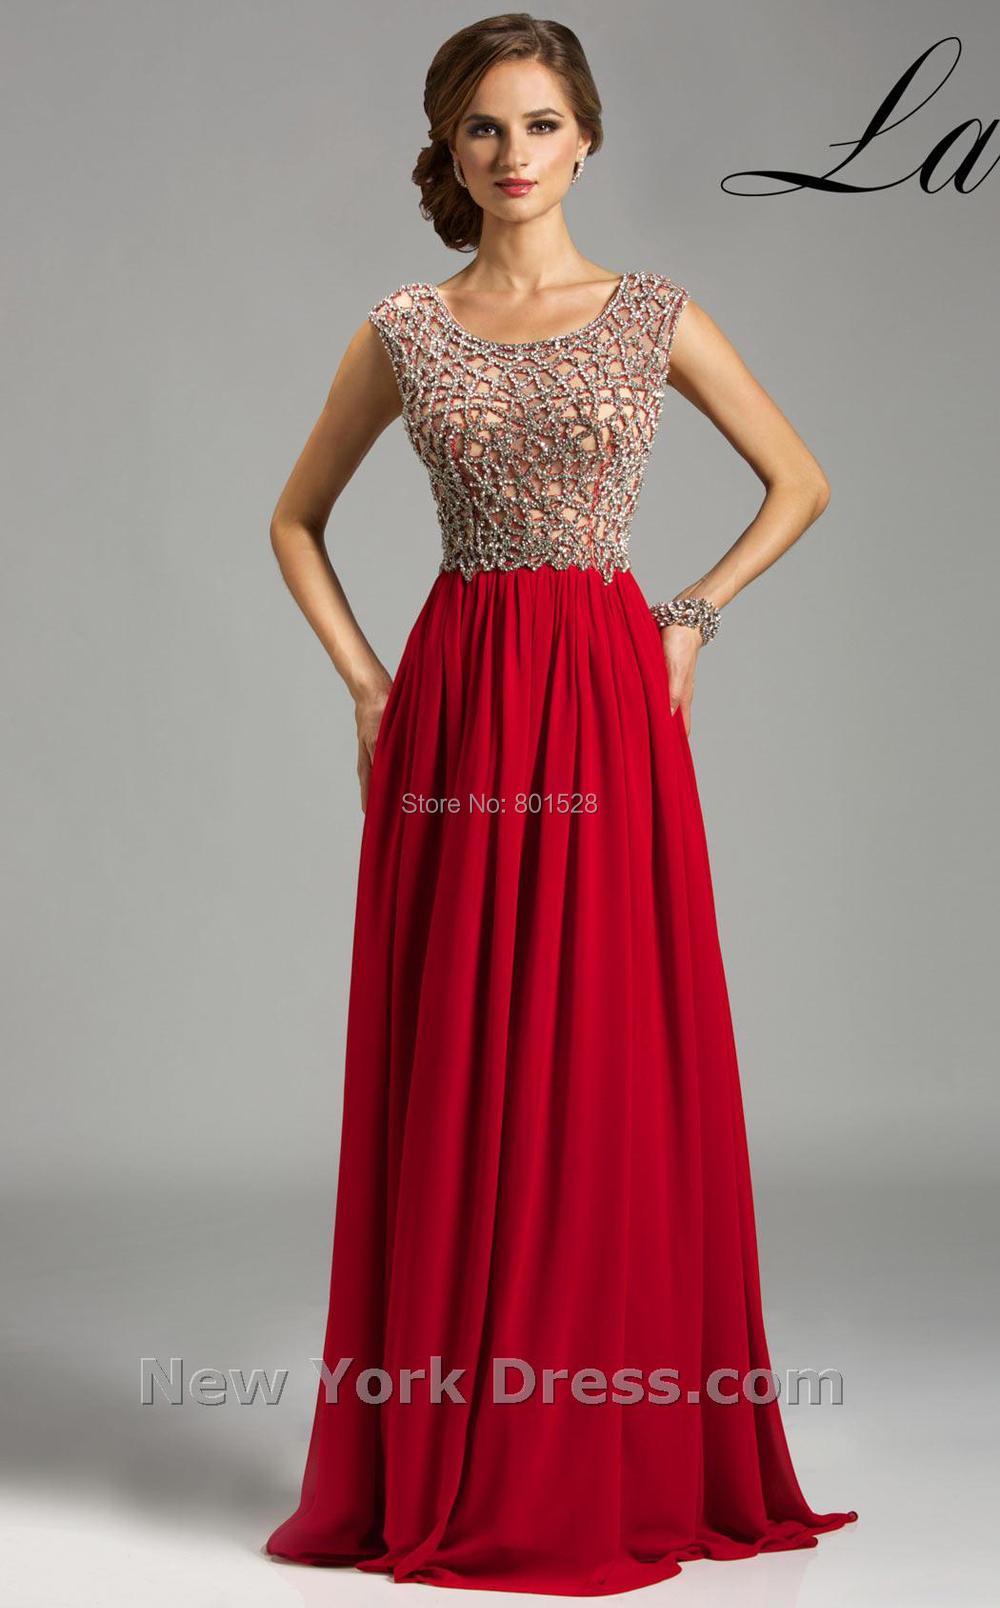 Beste New York City Prom Kleidergeschäfte Bilder - Brautkleider ...